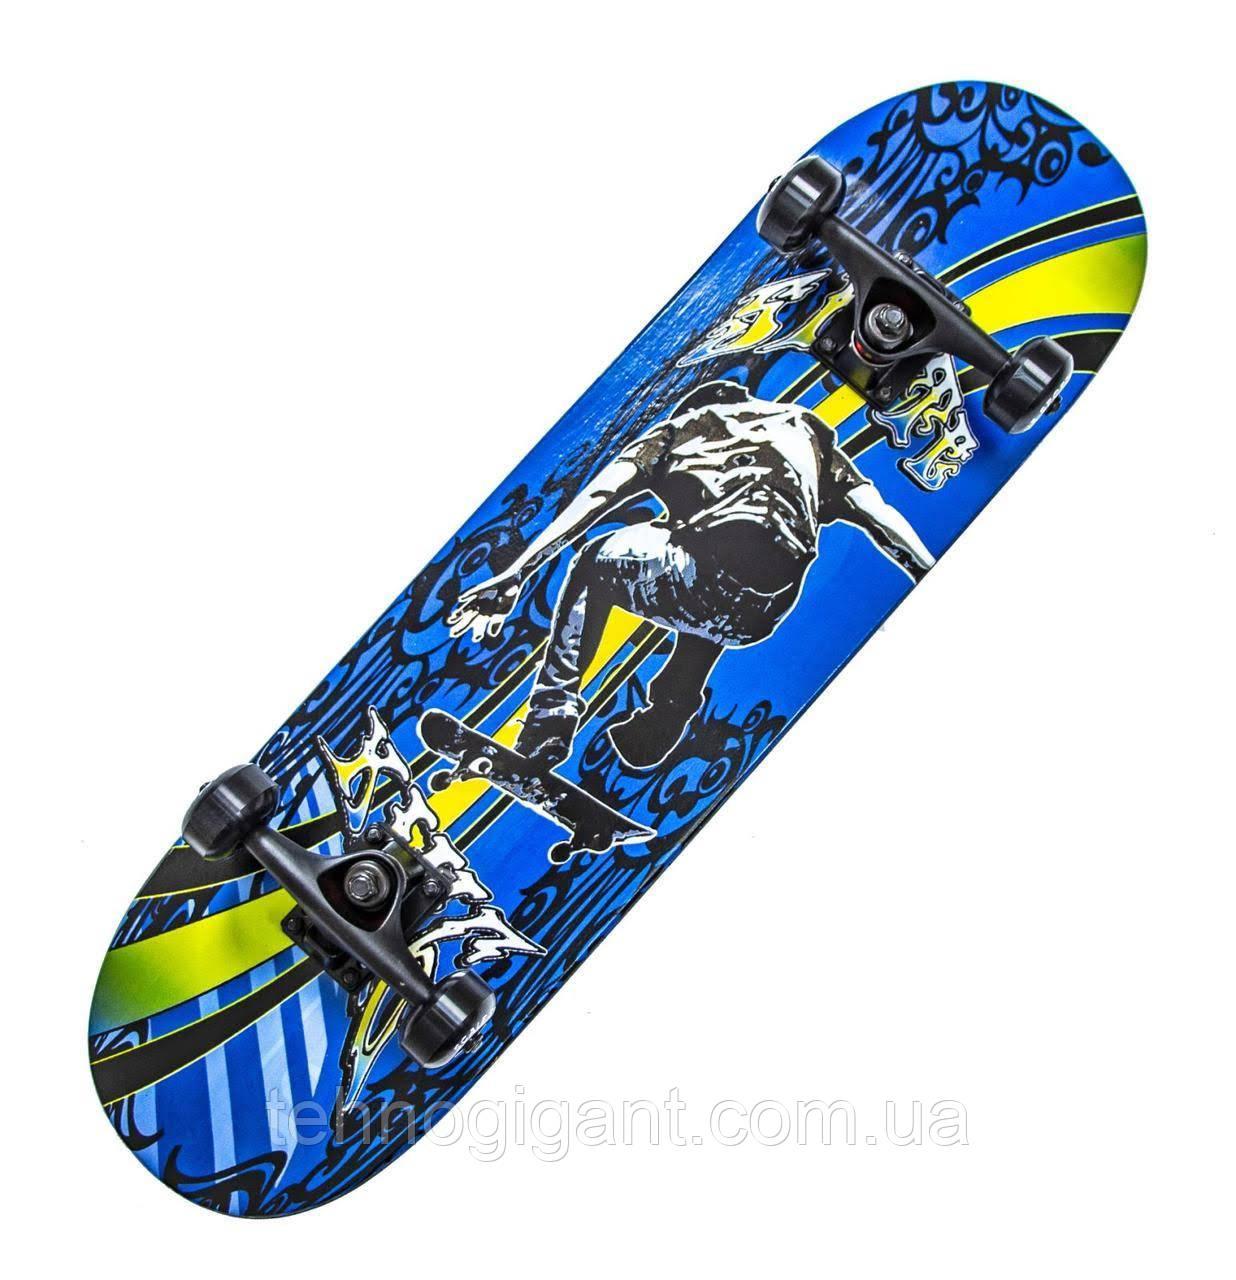 Дерев'яний Скейтборд Scale Sport 79х20 Display King скейт канадський клен для трюків